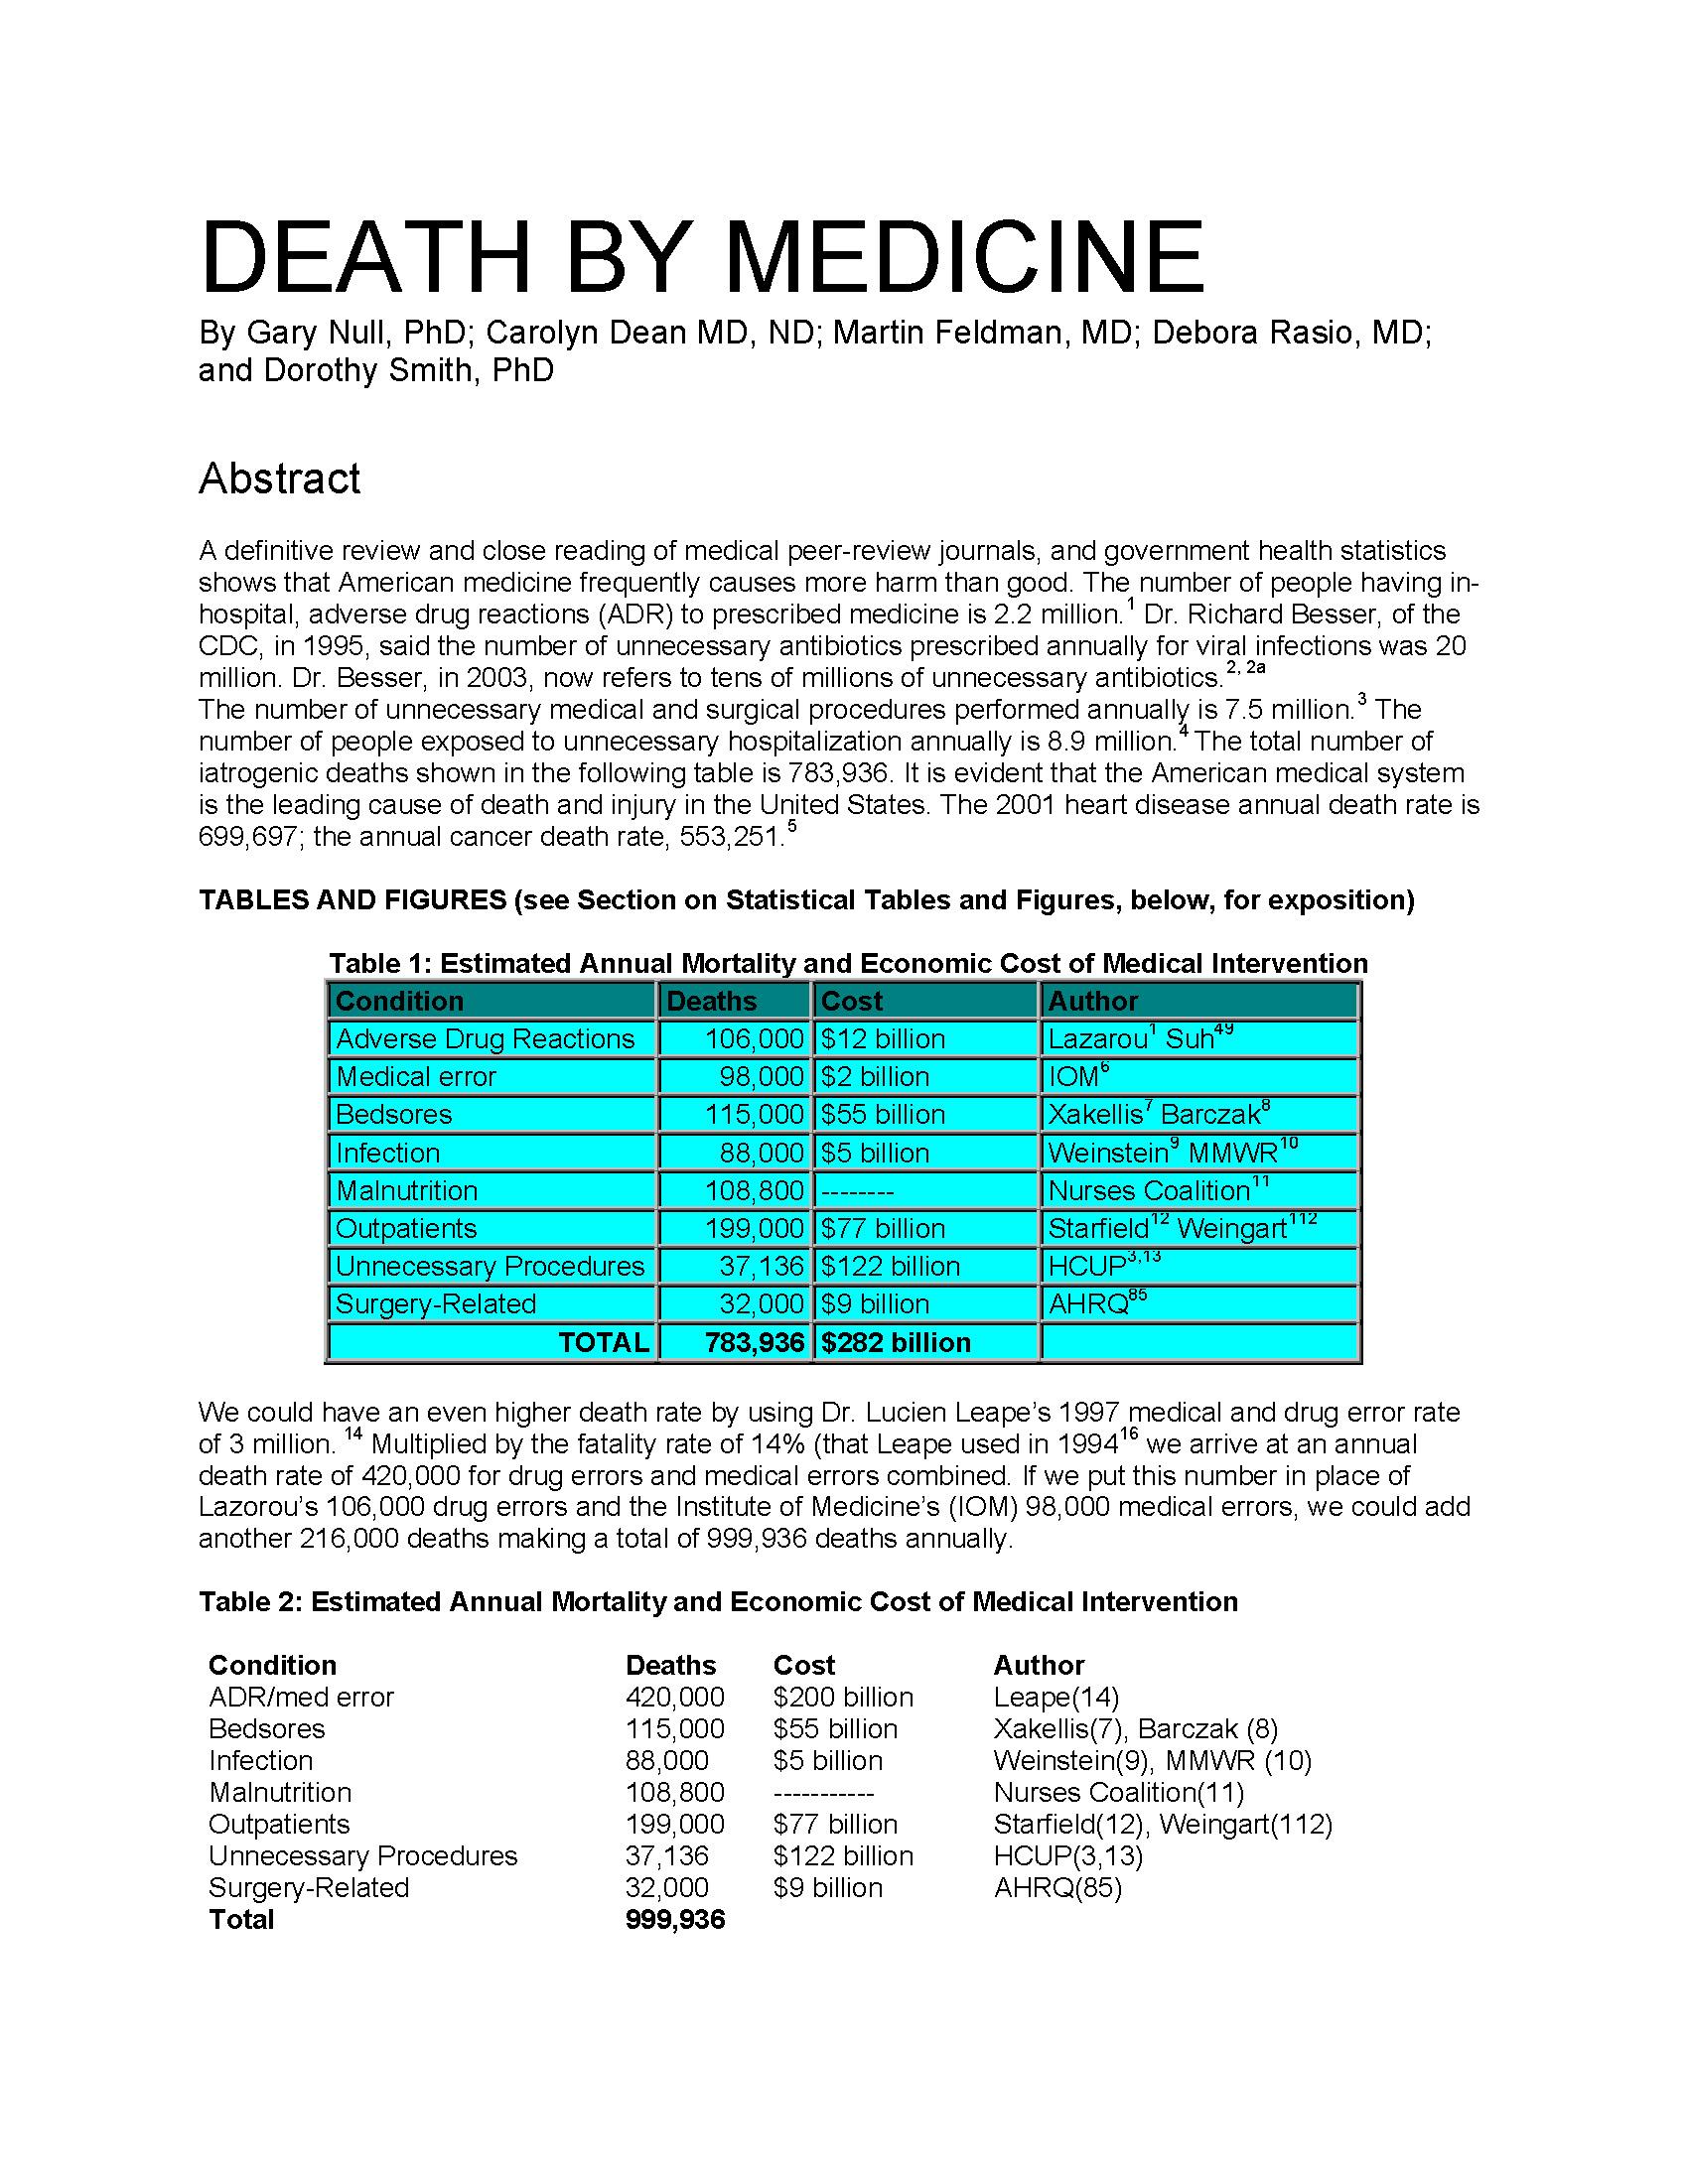 Death by medicine.